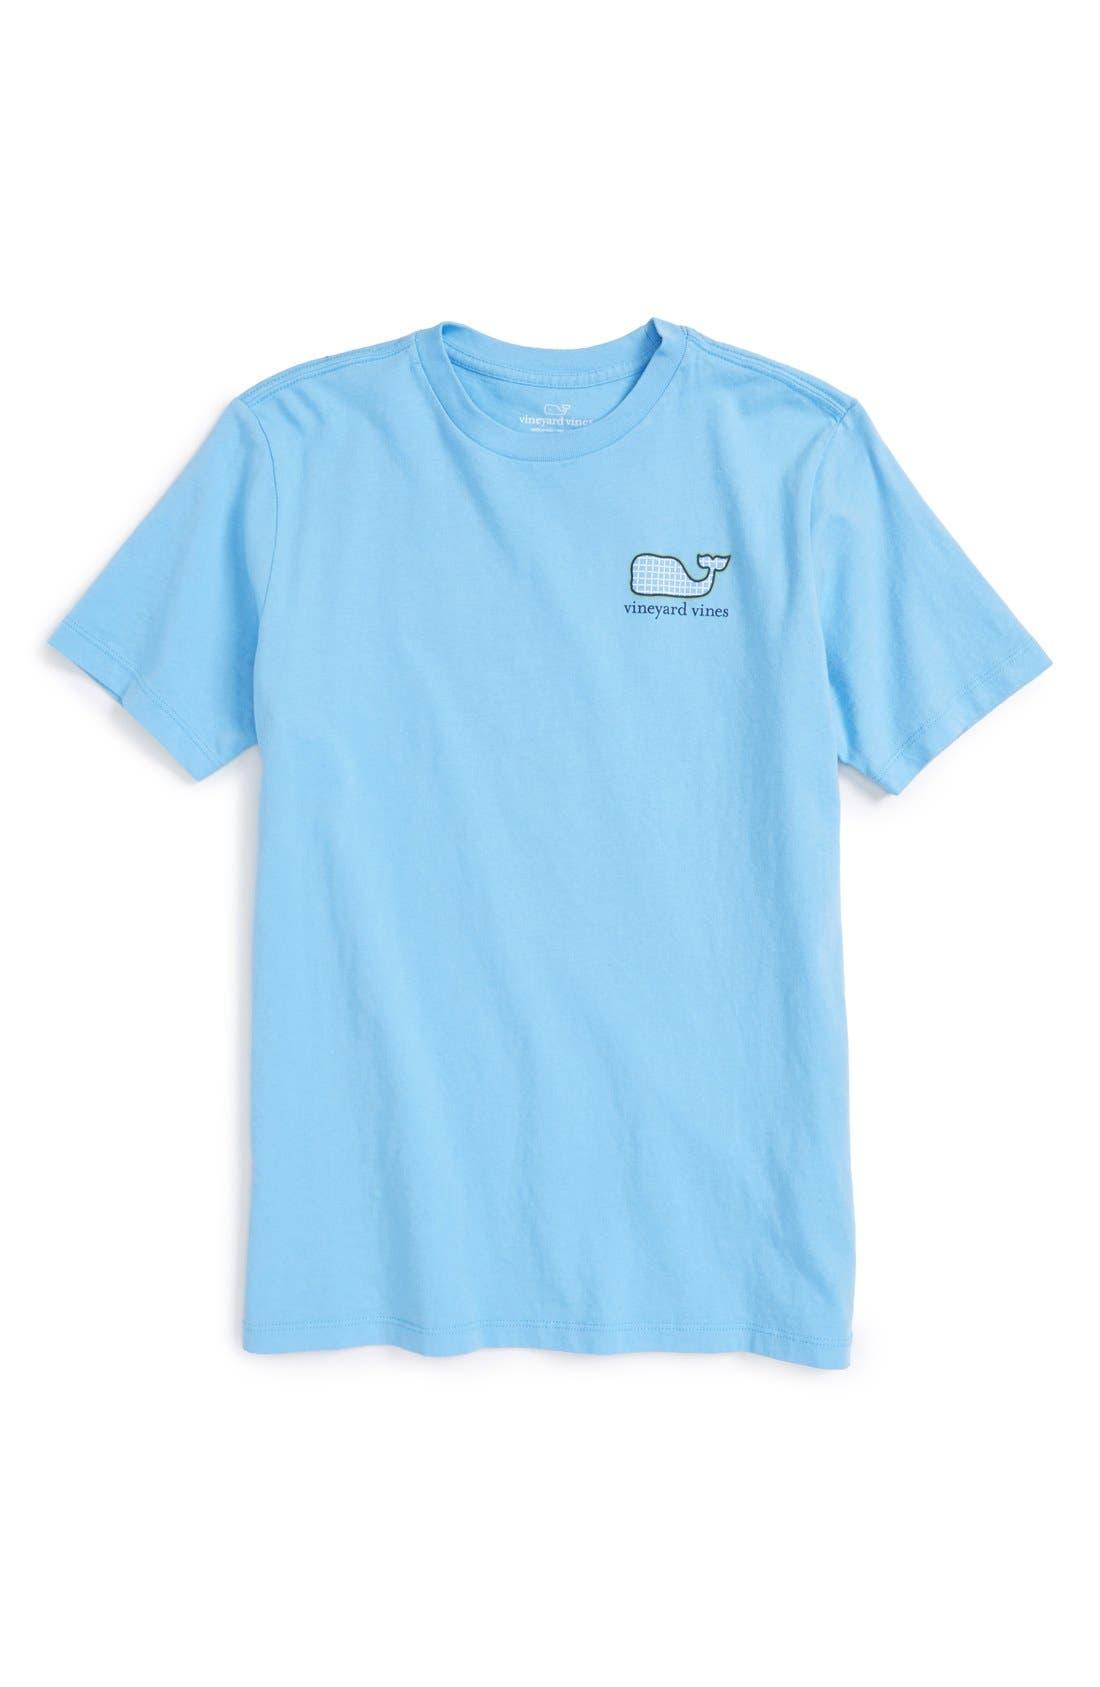 VINEYARD VINES 'Tennis Racquet' Graphic T-Shirt, Main, color, 484